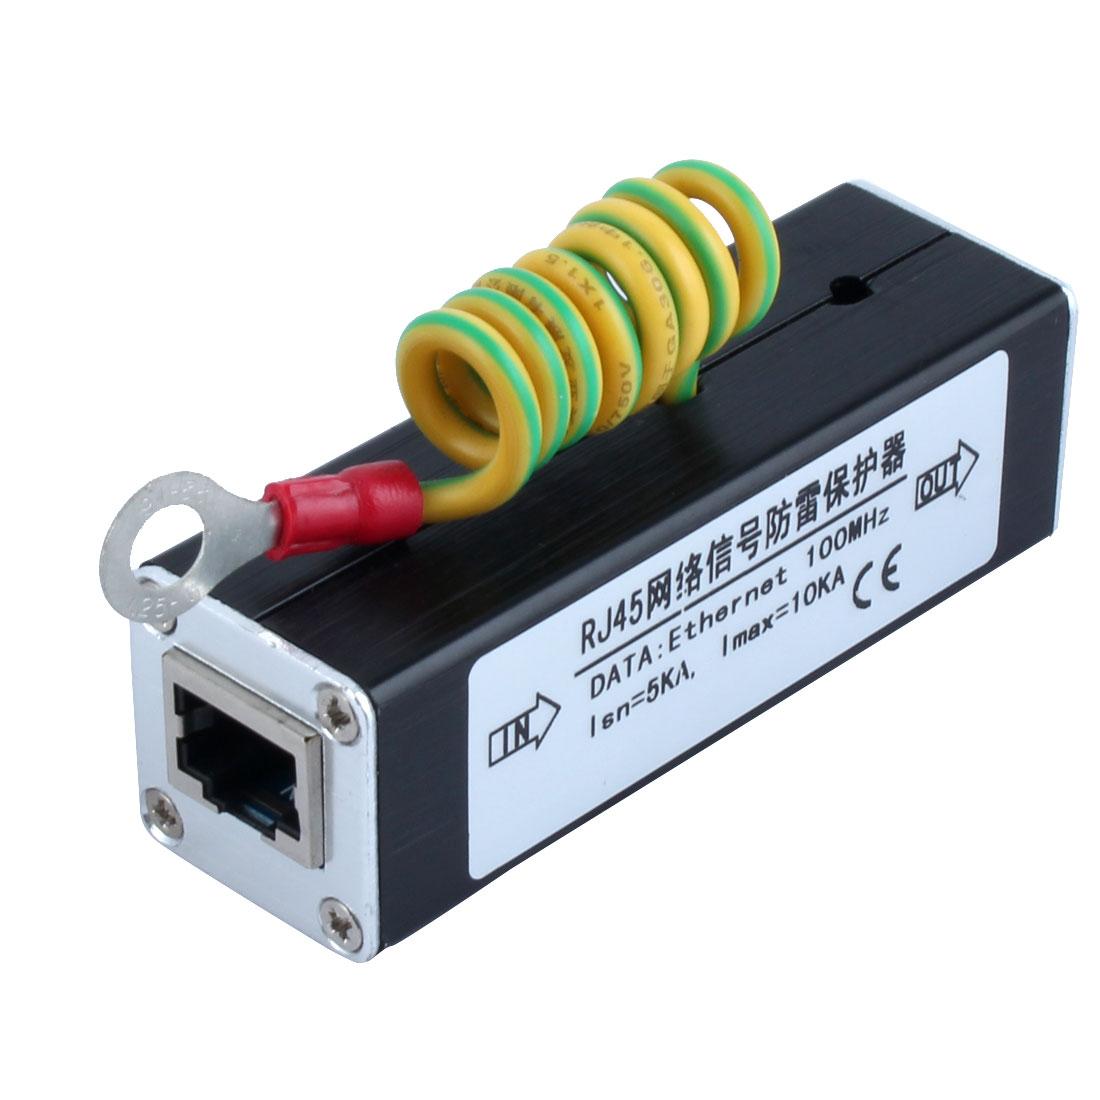 RJ45 Plug Ethernet Network Surge Protector Thunder Arrester 100MHz